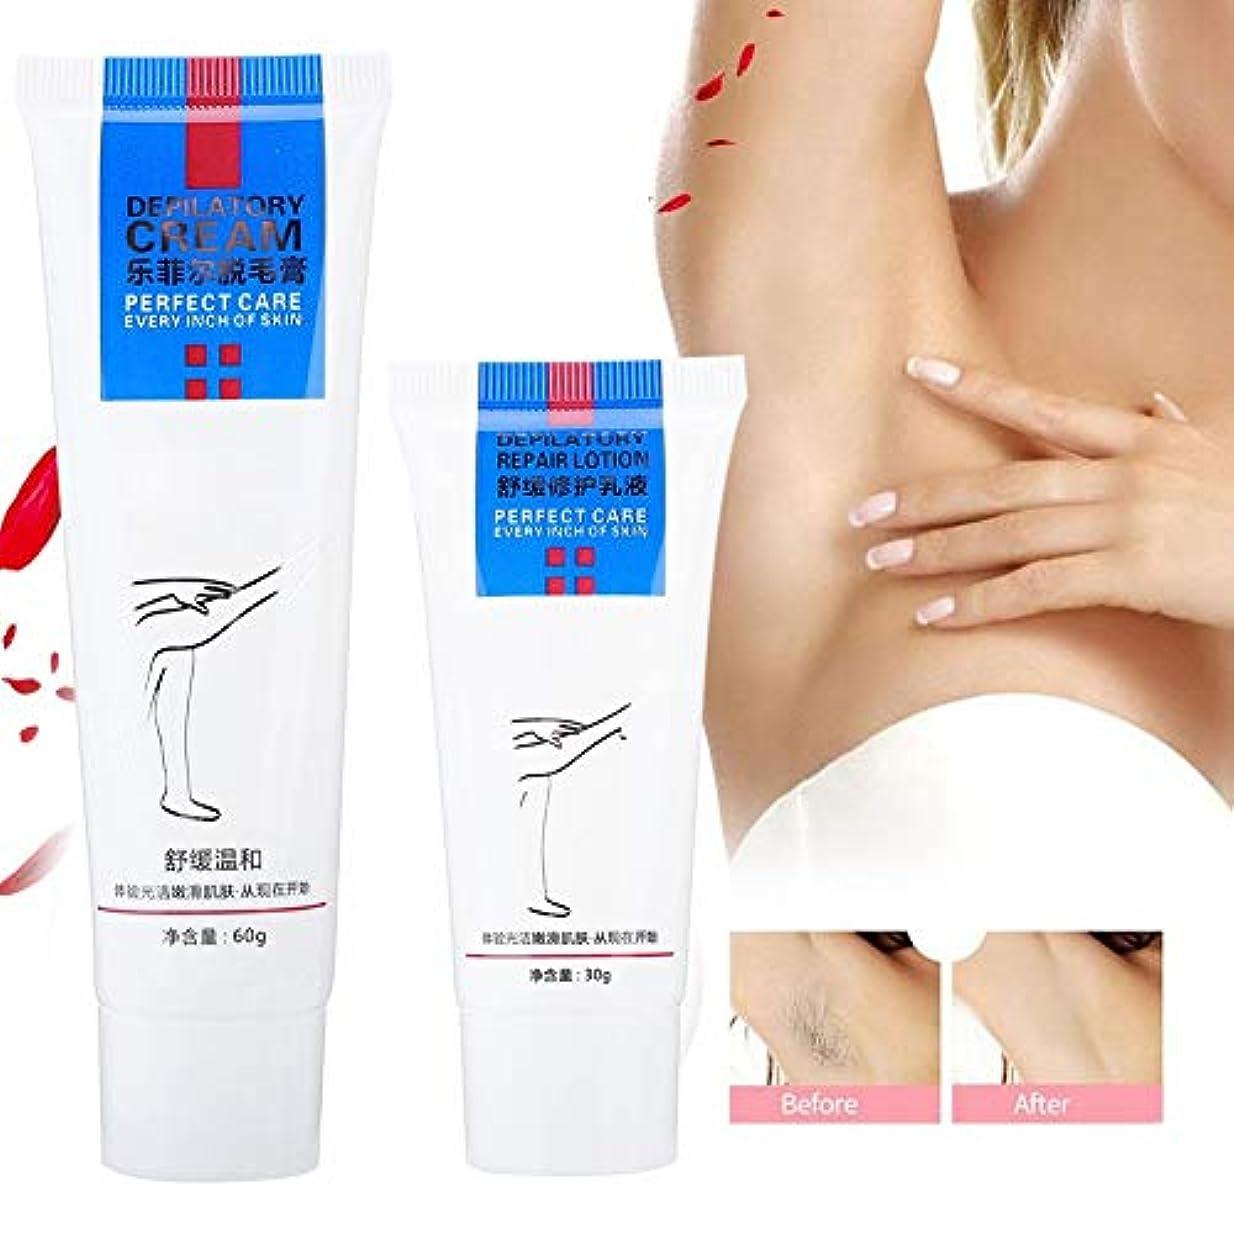 センチメンタル確保する石鹸脱毛クリームセットマイルド脱毛ローション(60ml)と修復クリーム(30ml)